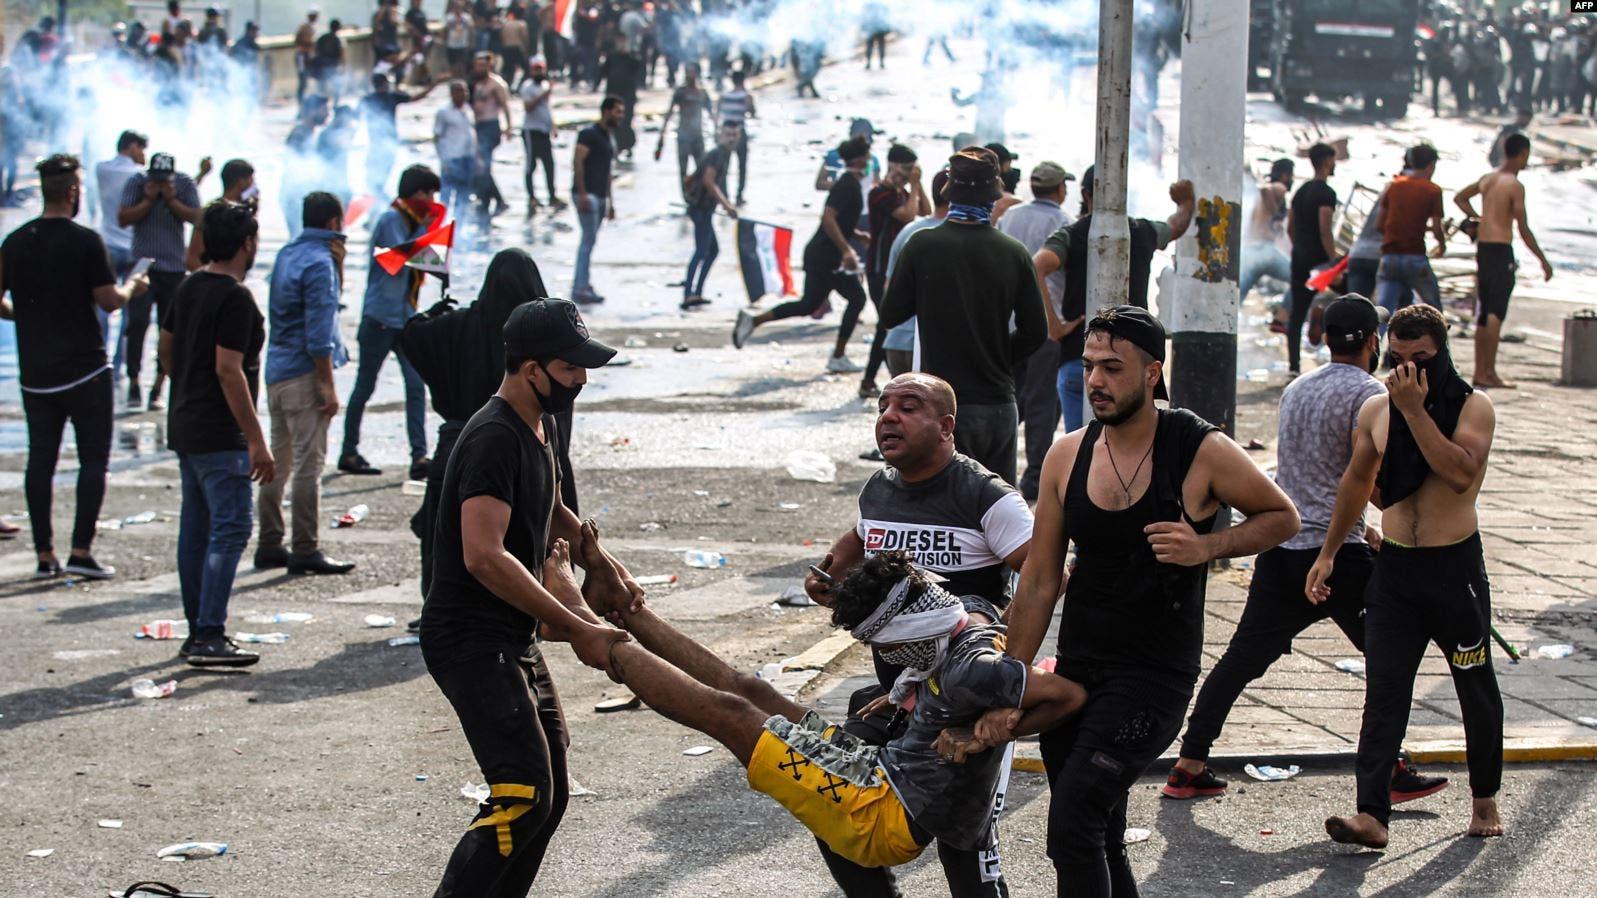 مقتل 9 متظاهرين وإصابة 135في بغداد ومحافظات خلال 5 أيام